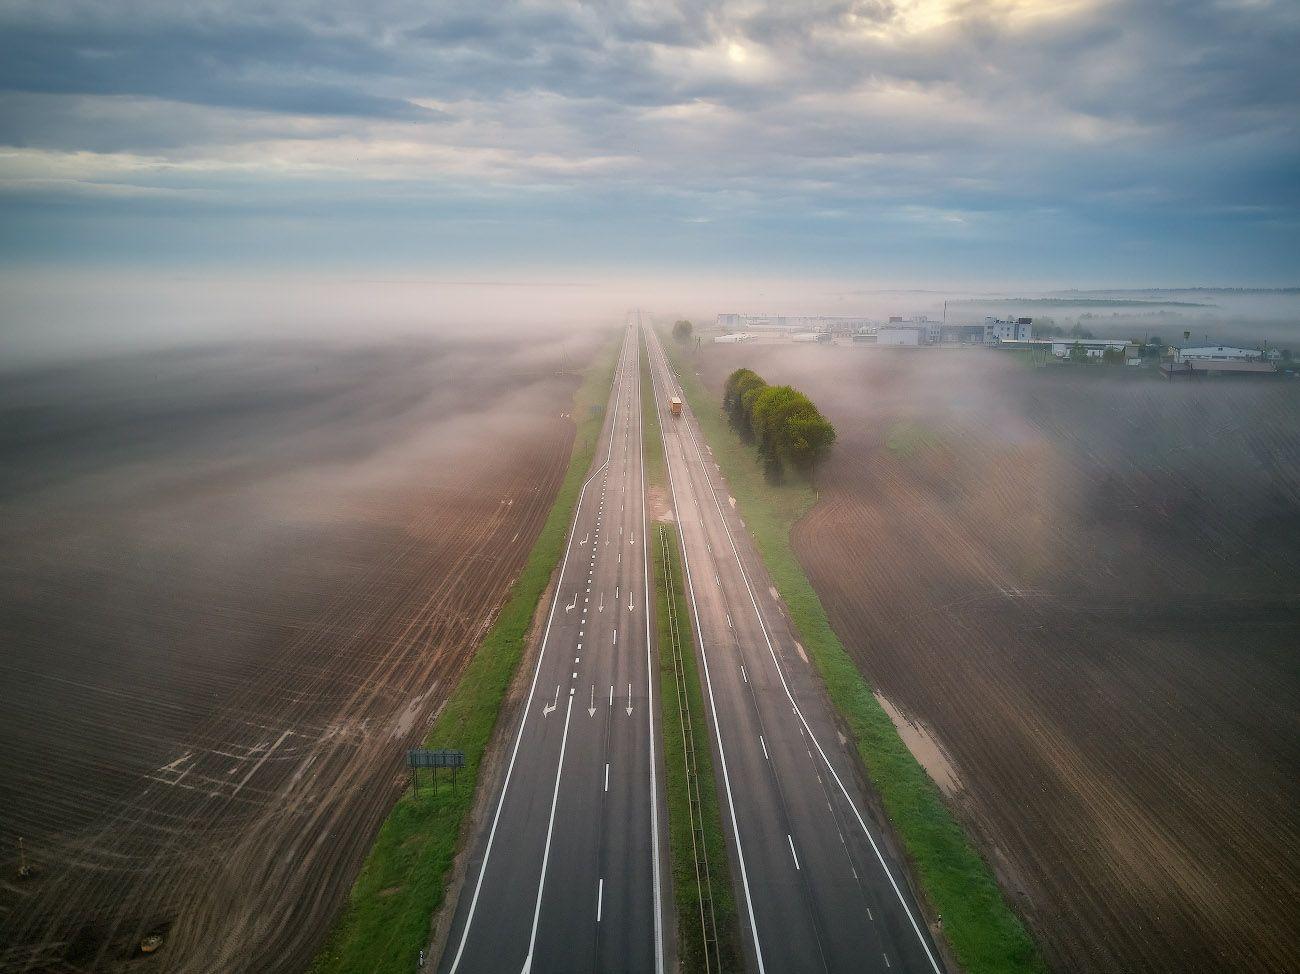 беларусь, весна, дождь, дорога, май, рассвет, туман, утро, Вейзе Максим